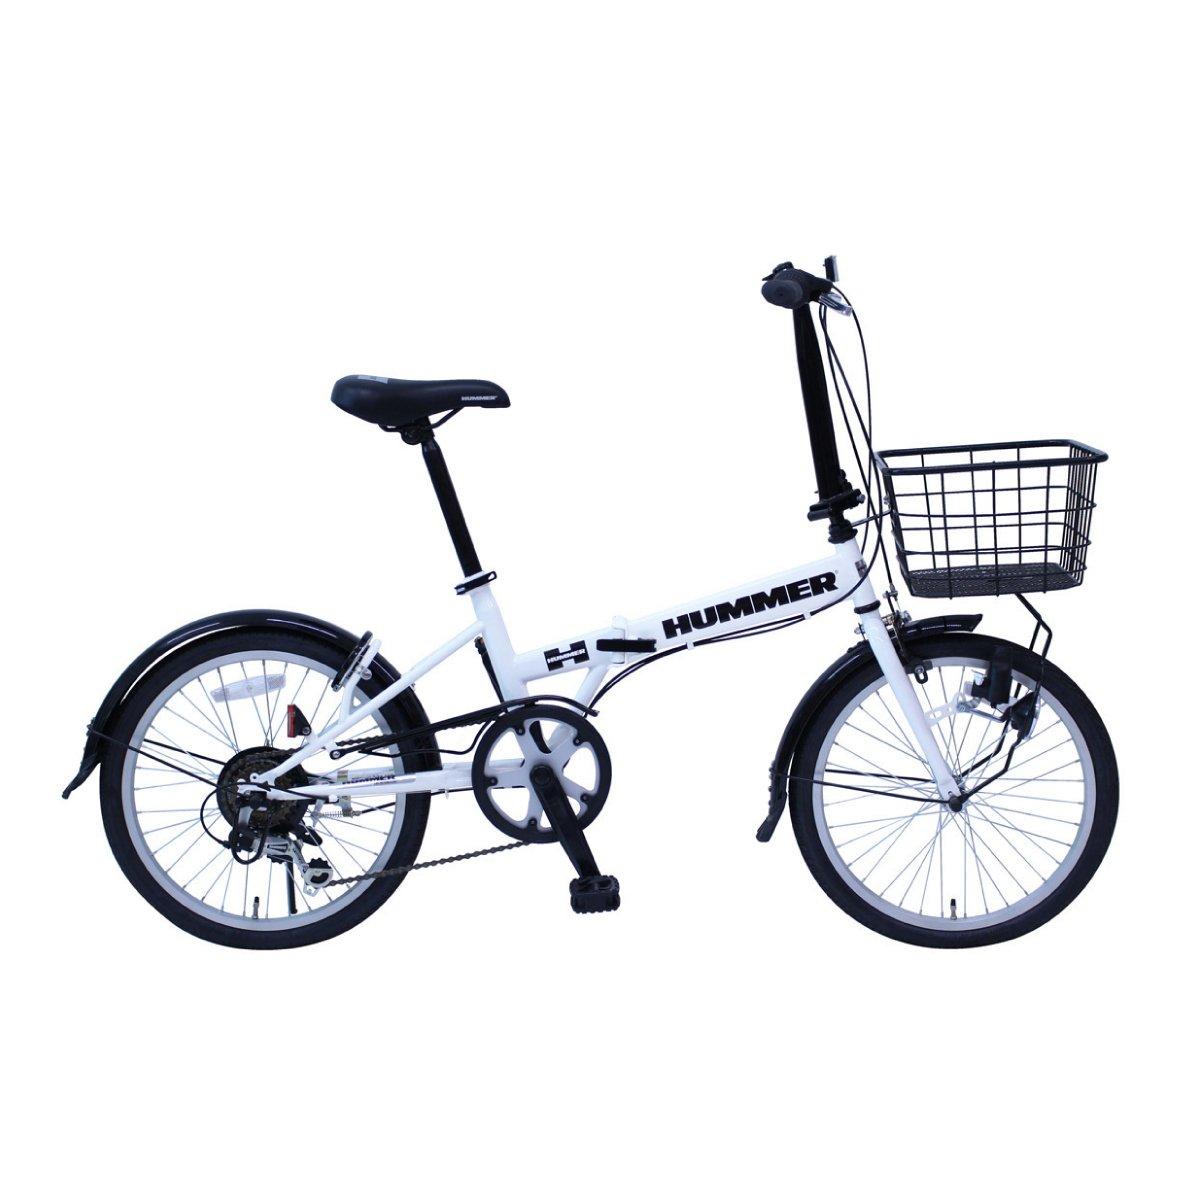 折りたたみ自転車 ハマー 20インチ 折りたたみ自転車 ホワイト HUMMER FDB206SF MG-HM206F-RL B07C93QV3C